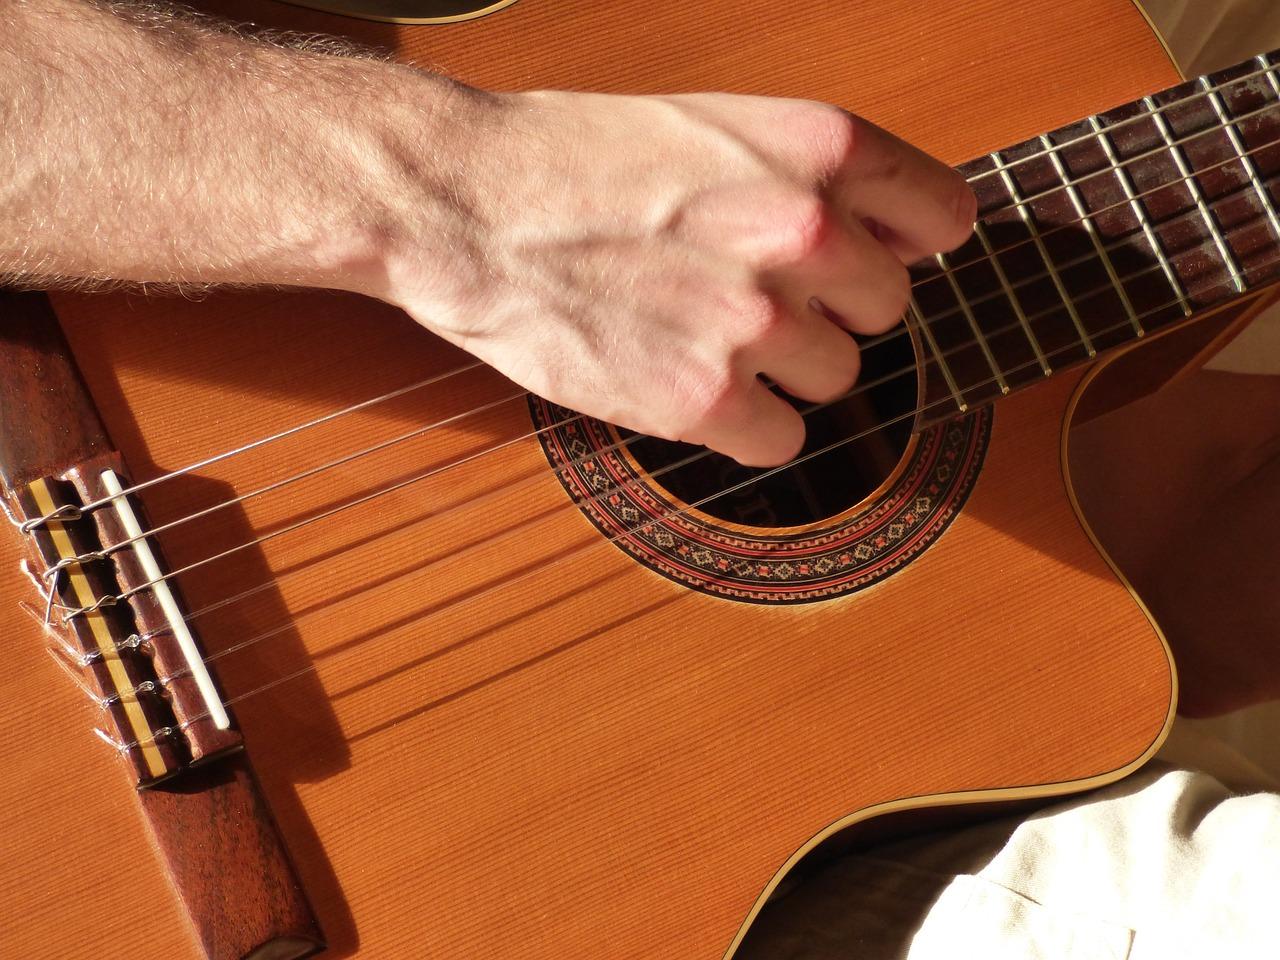 Foto pemain gitar terhebat 92